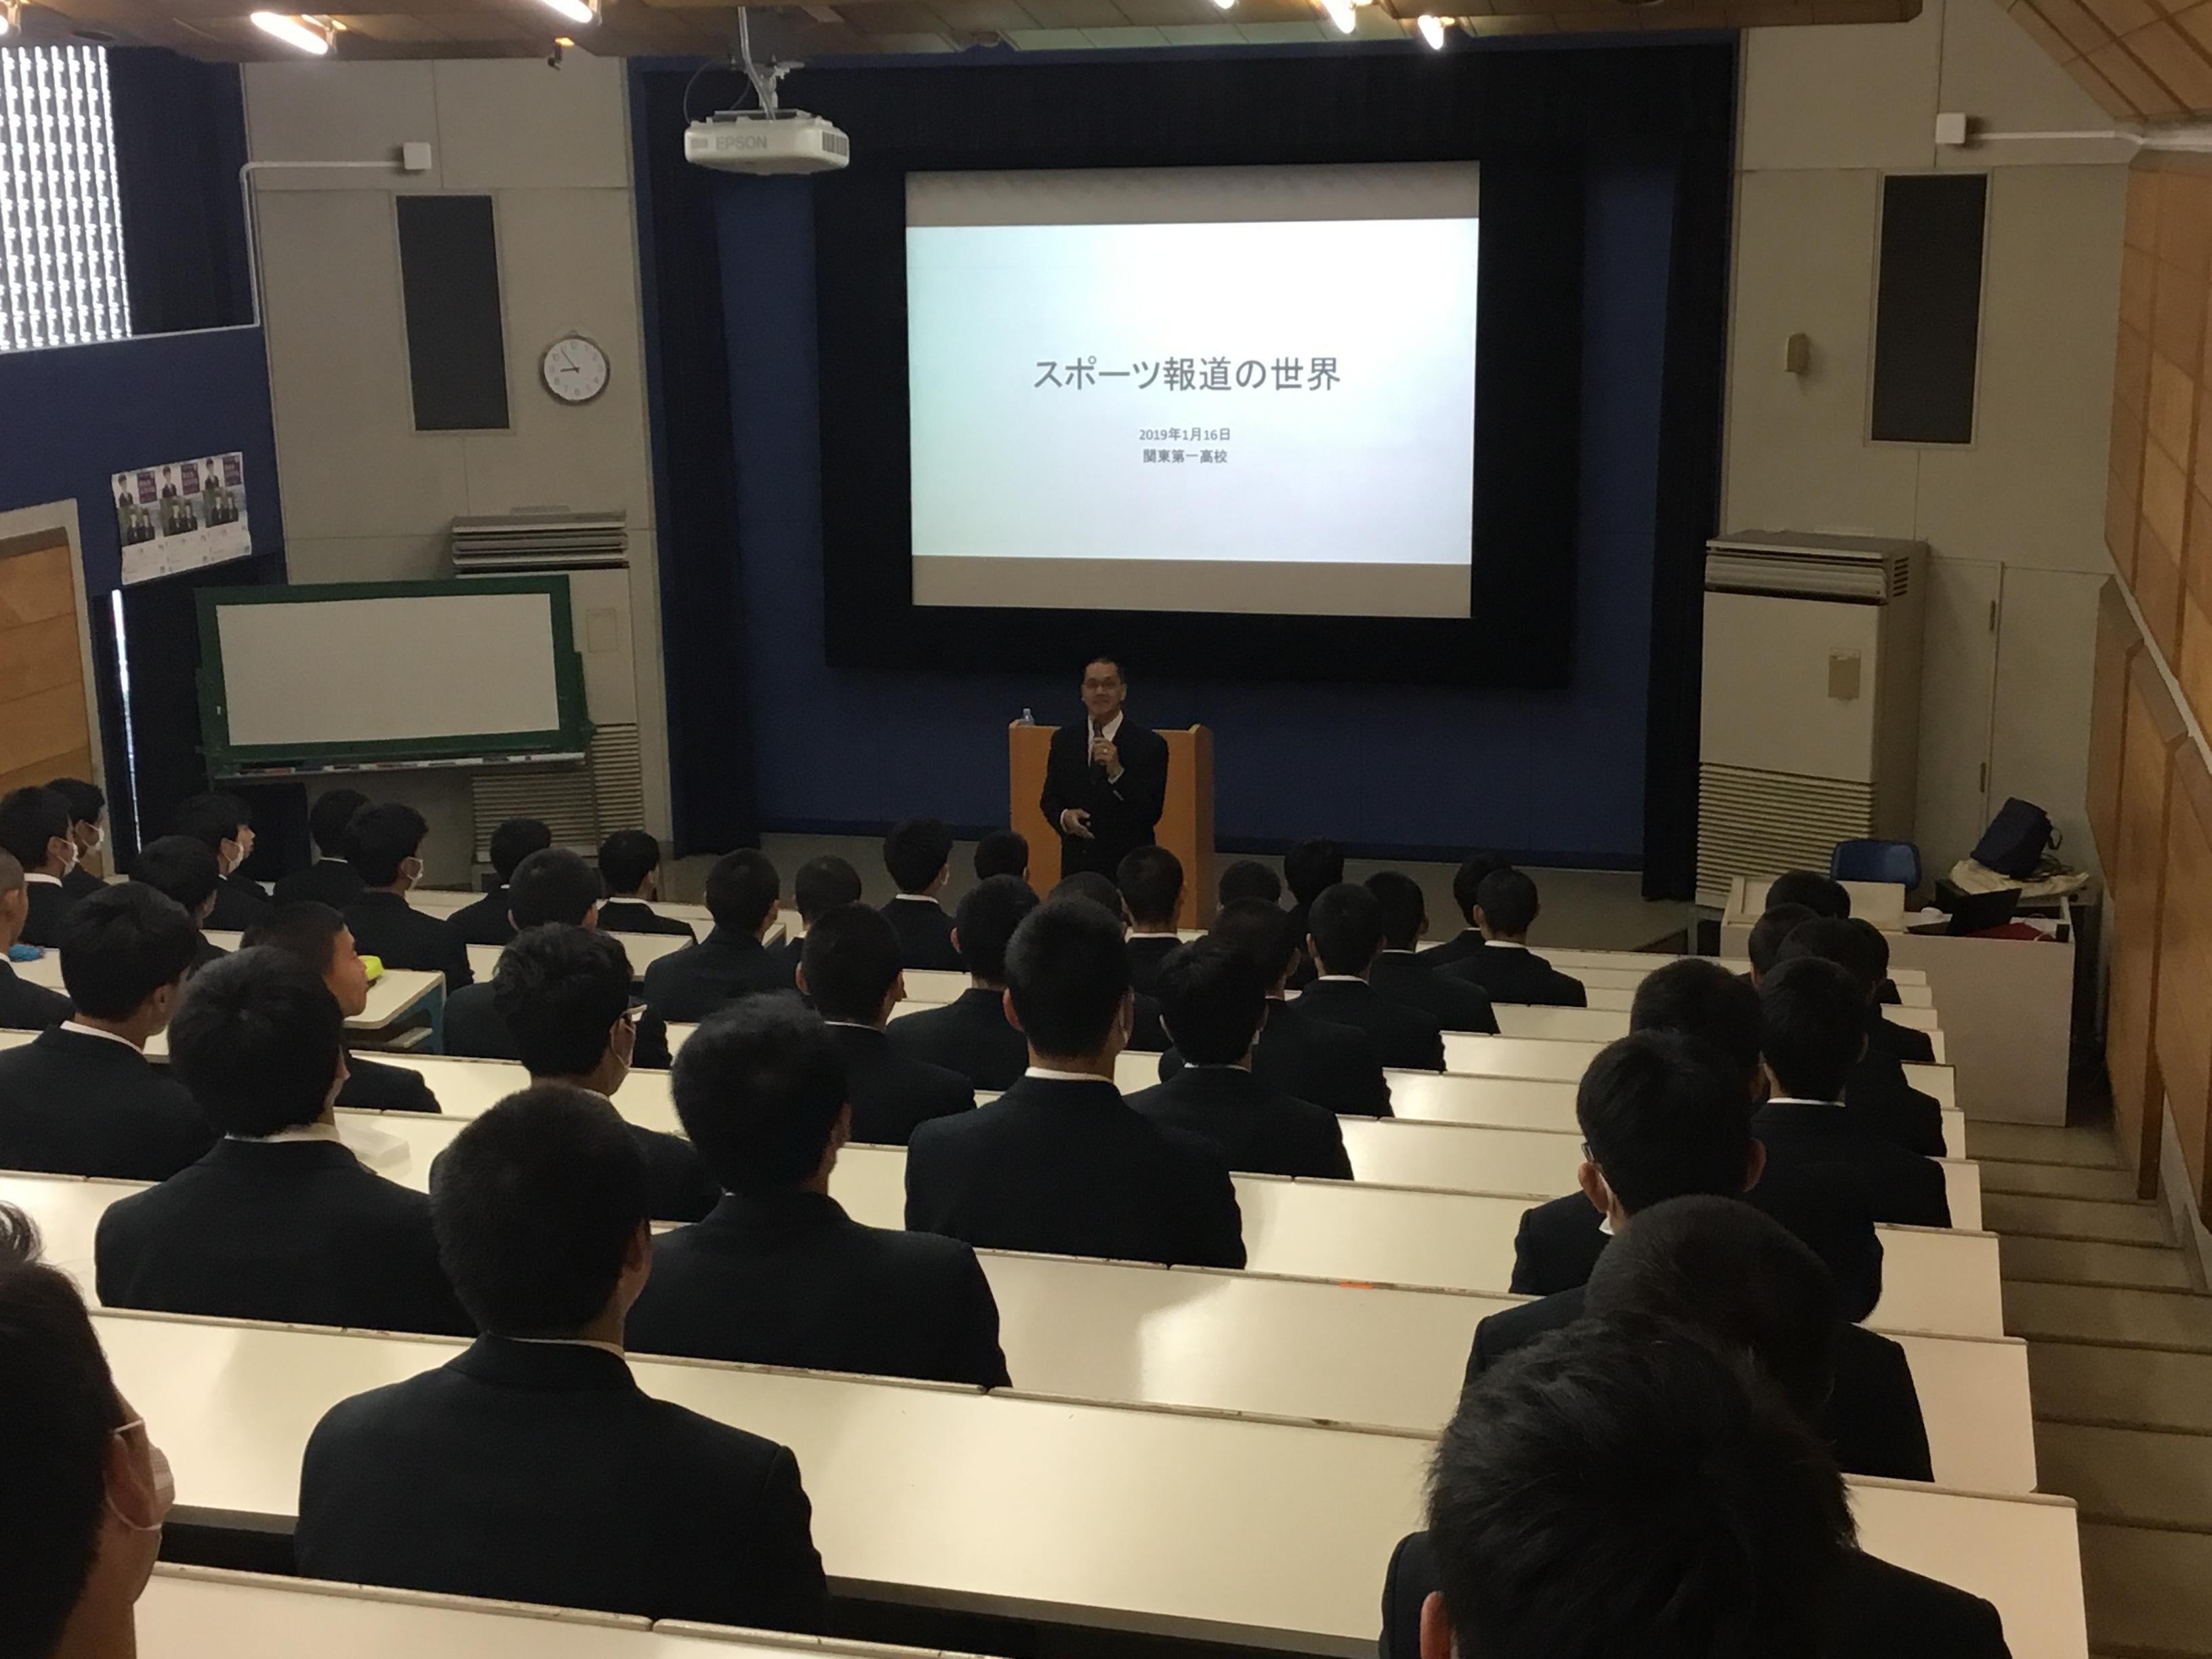 江戸川大学マス・コミュニケーション学科の神田洋教授が関東第一高等学校で講演 -- 「スポーツ報道の世界」をテーマに